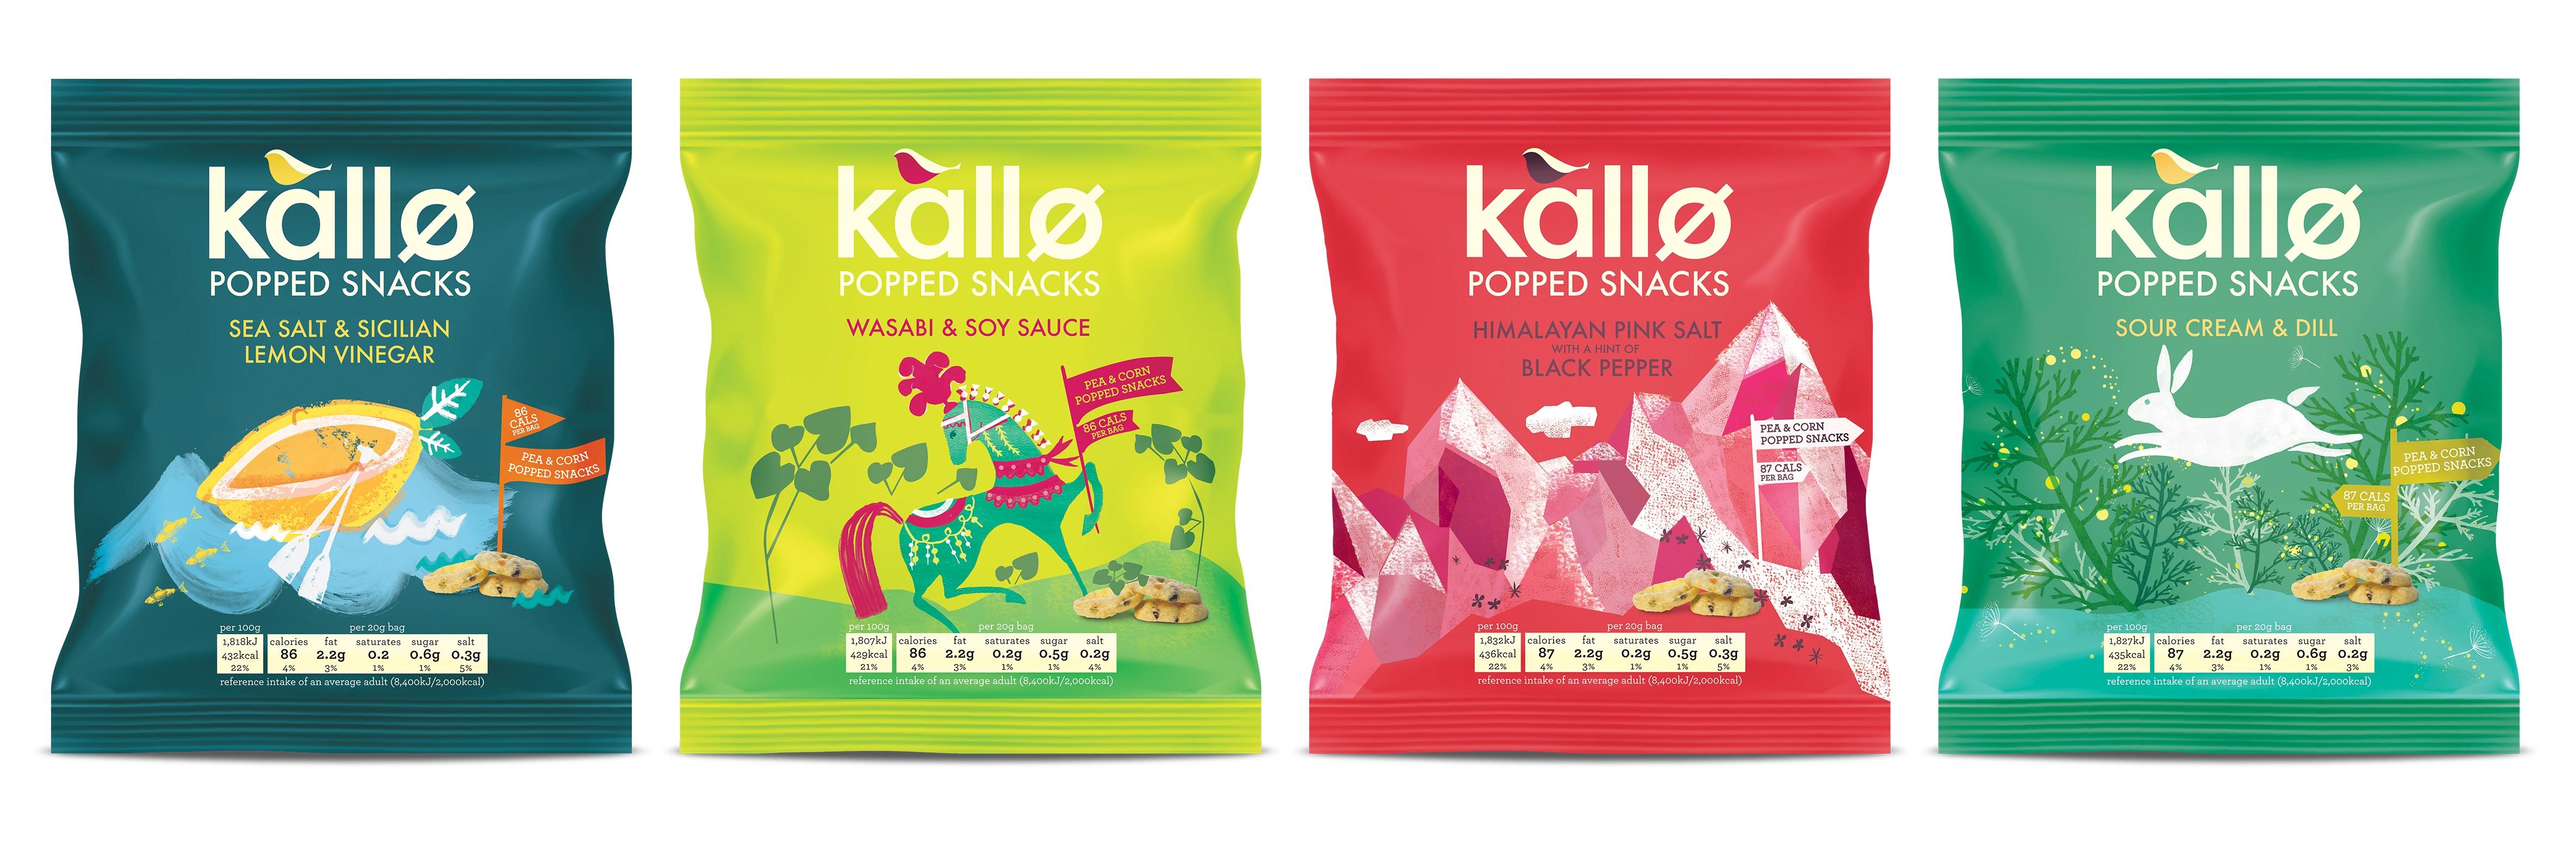 Kallo-Crisp-Mockups-Range-20g.jpg